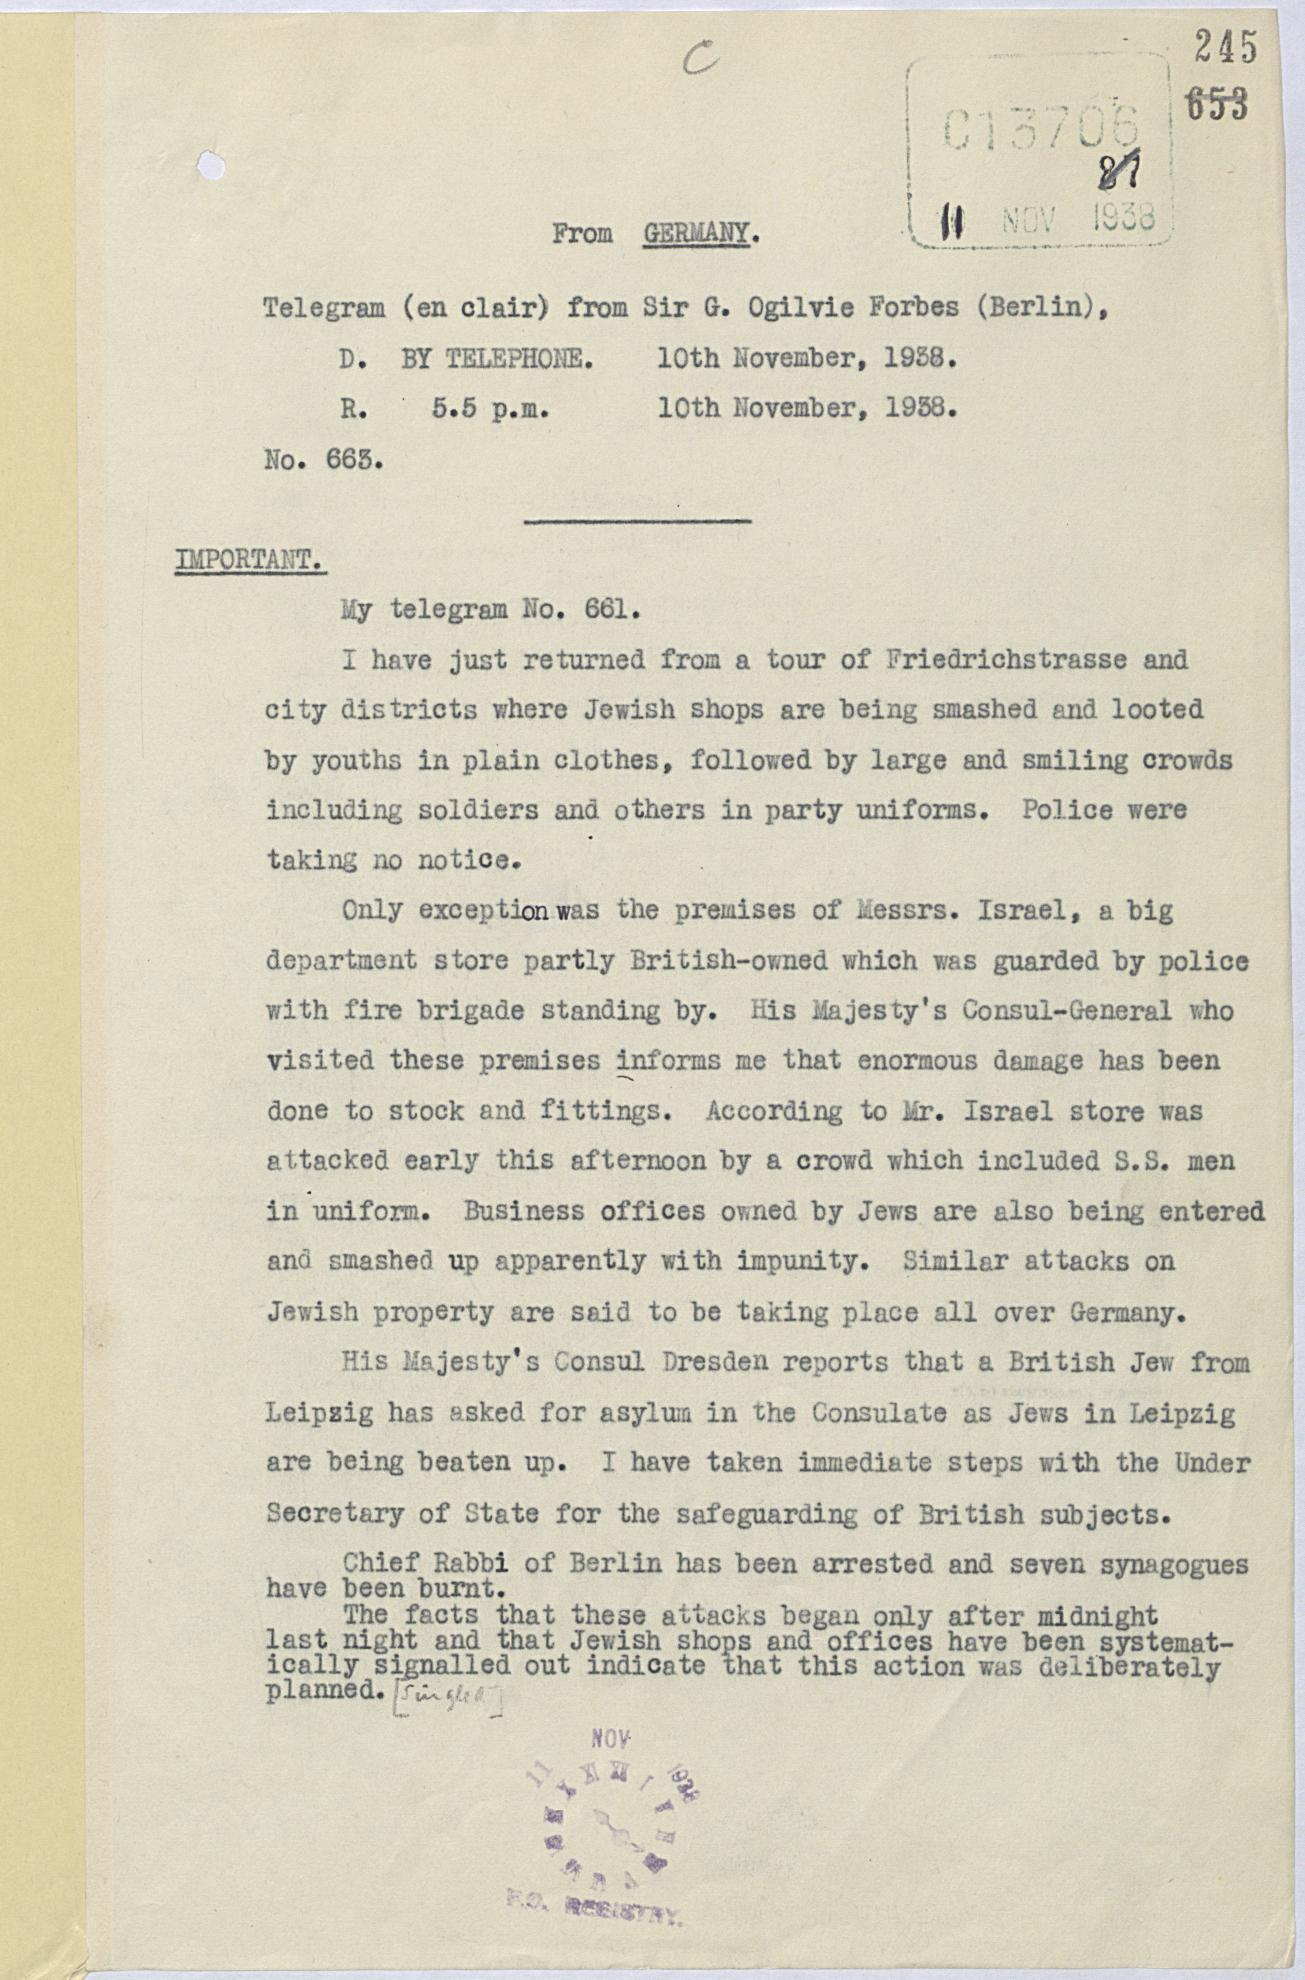 Telegram regarding Kristallnacht 10 November 1938